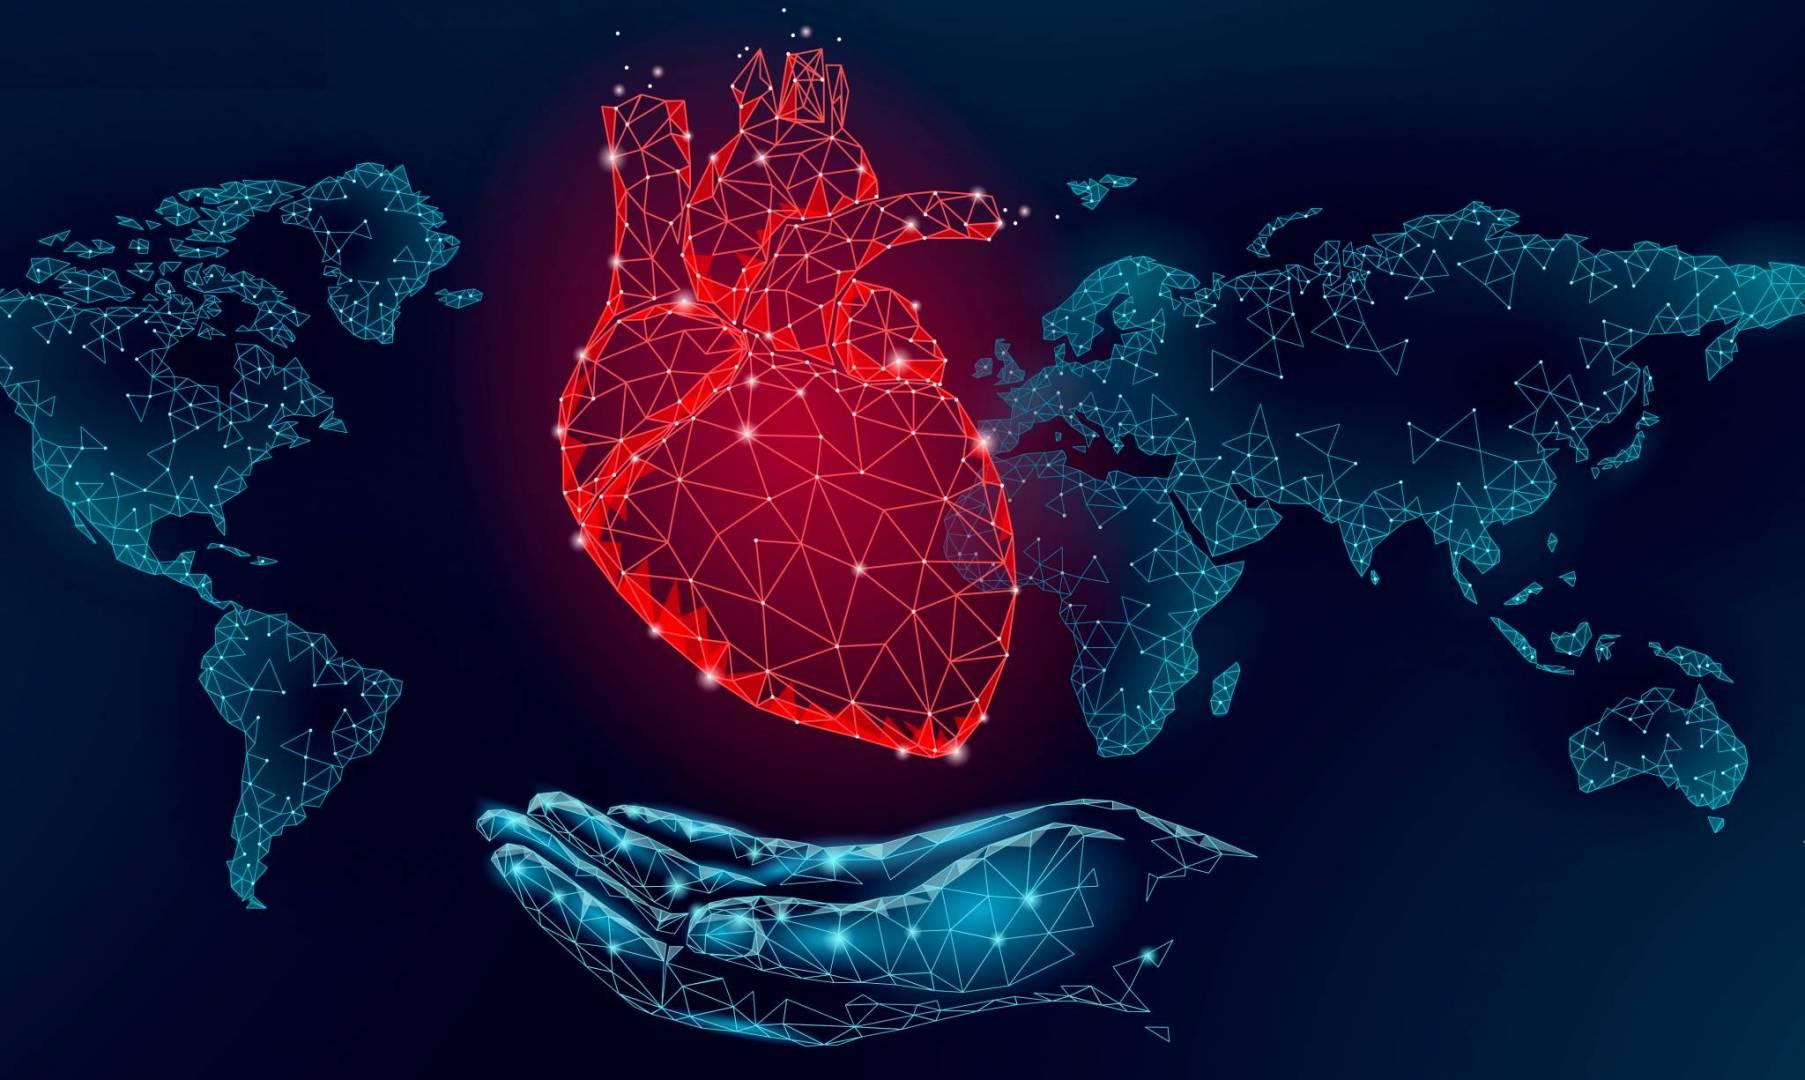 في اليوم العالمي للقلب.. الحزن يُعرض قلبك «للانفجار»